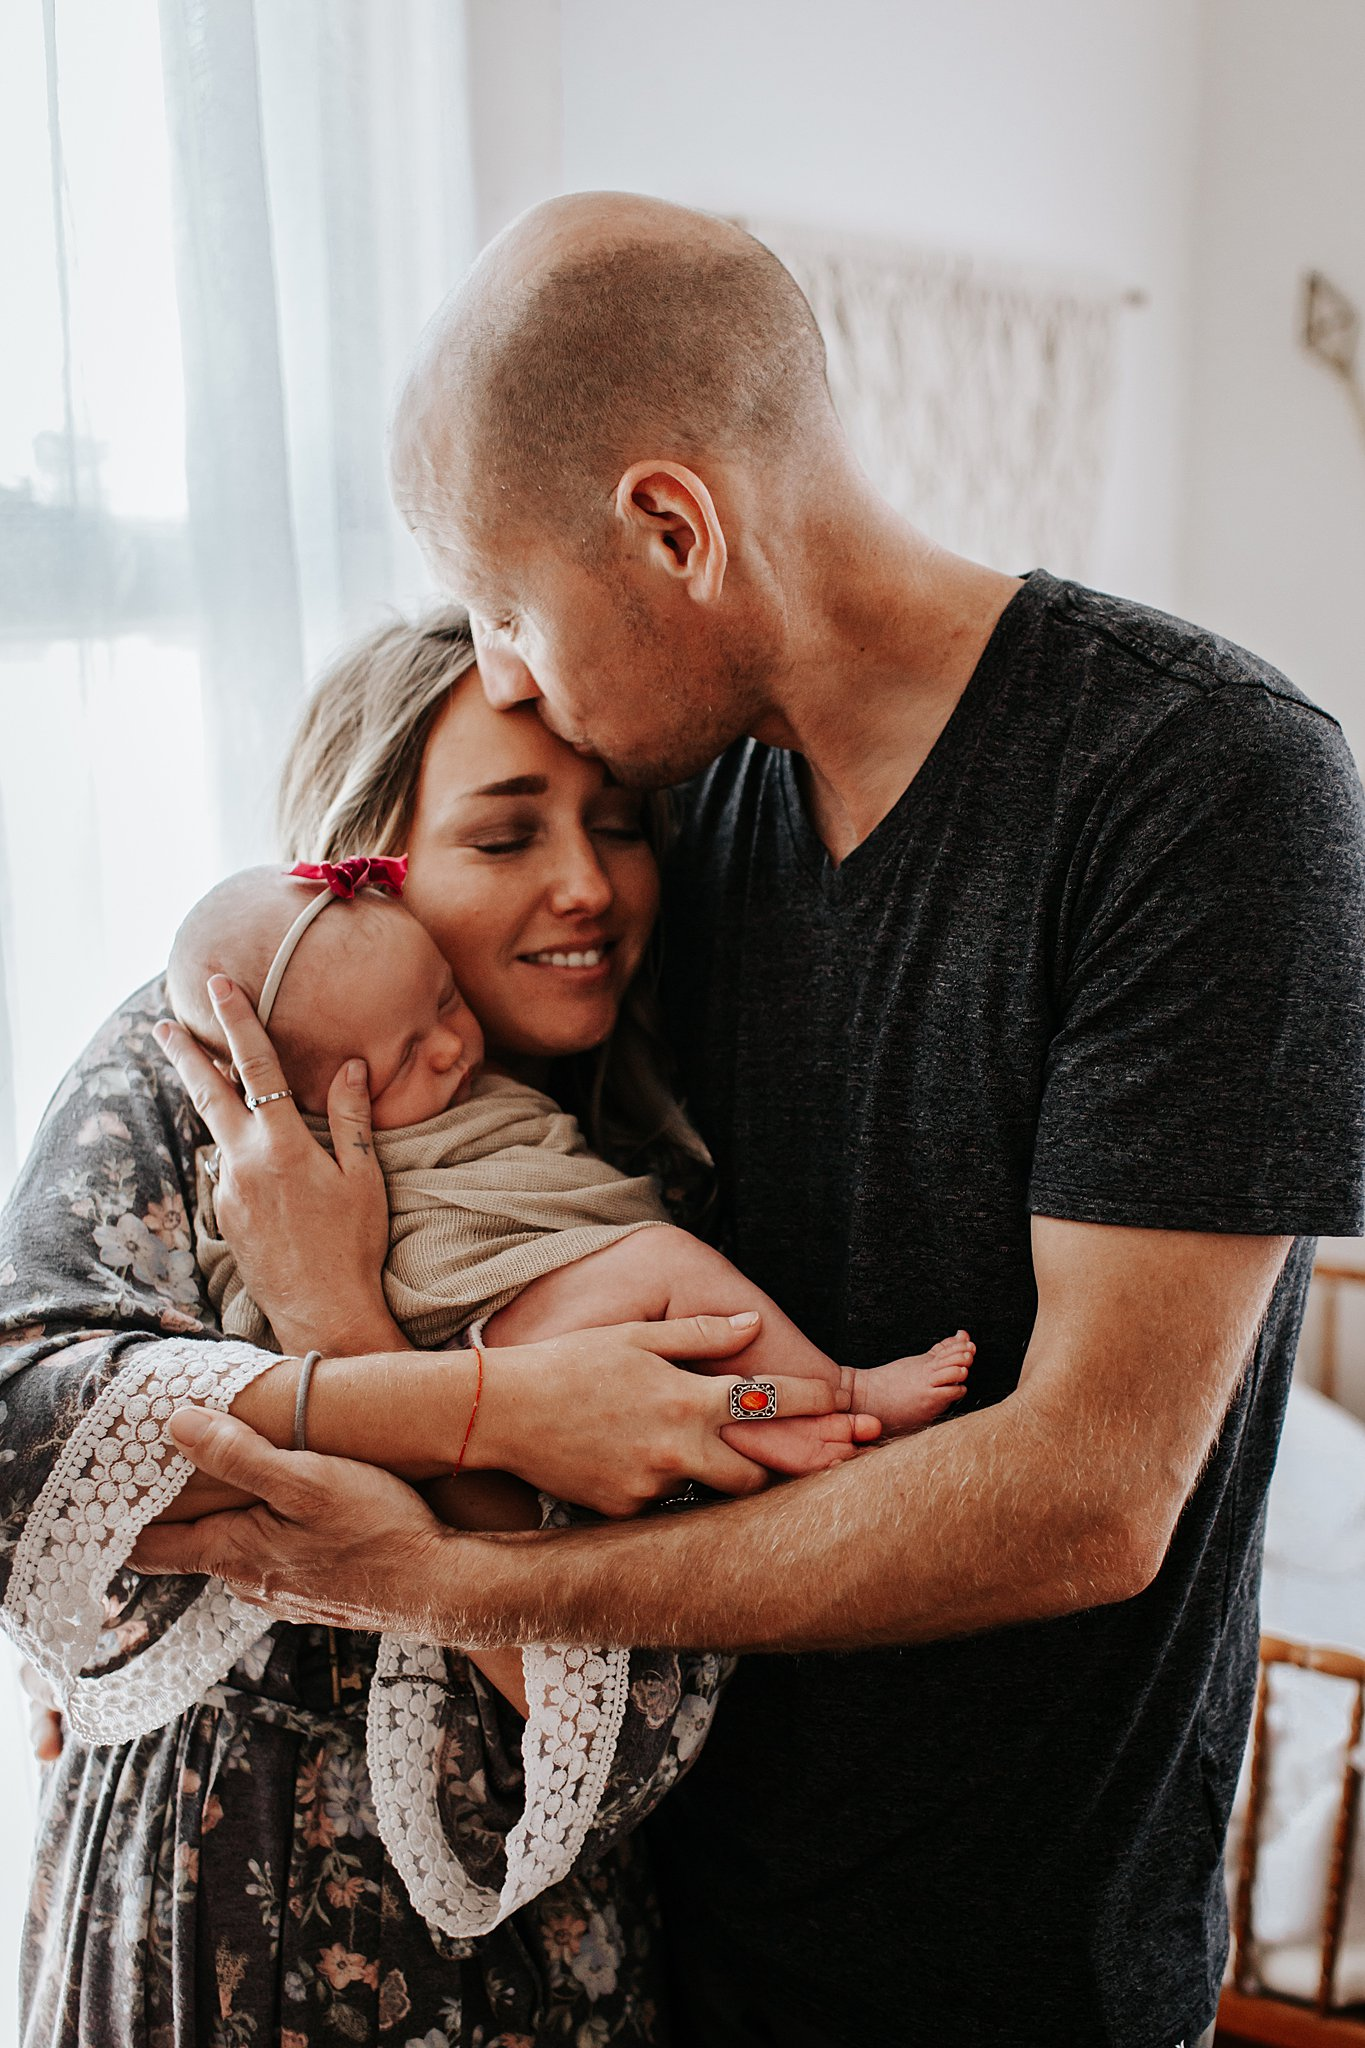 Kora-San-Antonio-Family-Photographer-23_WEB.jpg